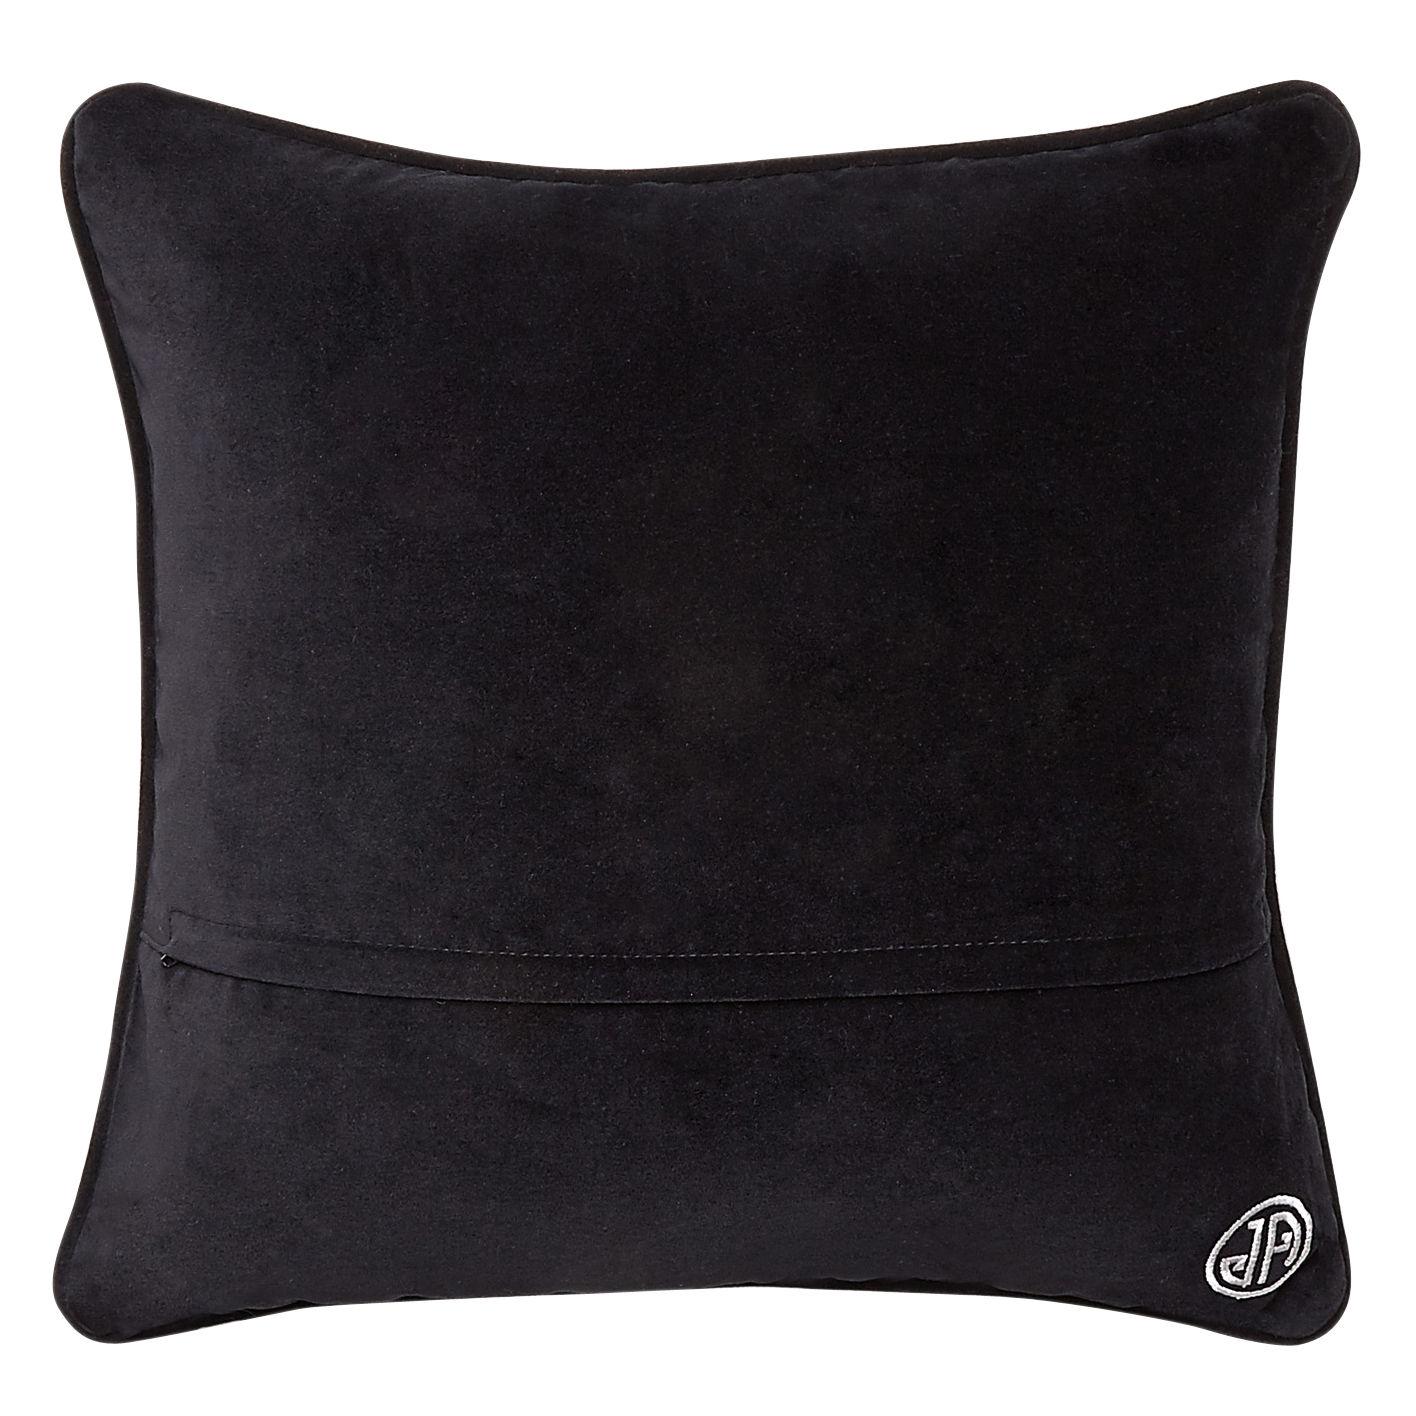 kissen 30 5 x 30 5 cm schwarz und wei by. Black Bedroom Furniture Sets. Home Design Ideas